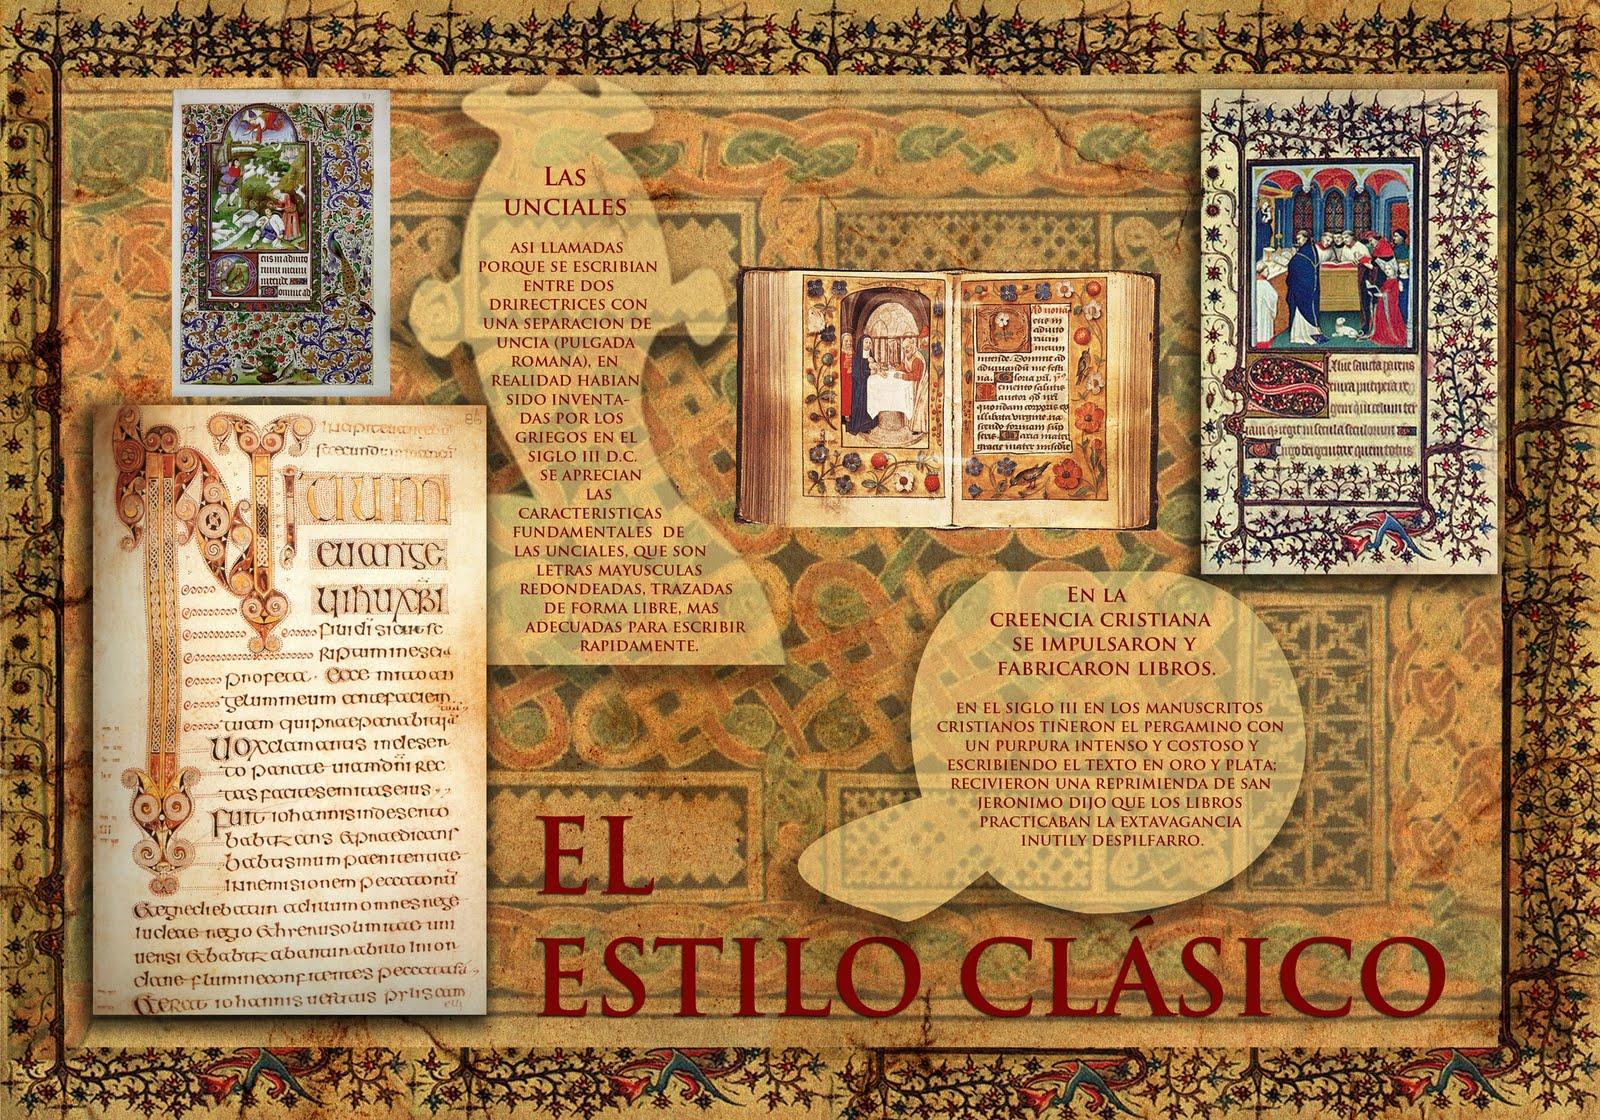 Historia de la comunicaci n visual javeriana cali el for El estilo clasico